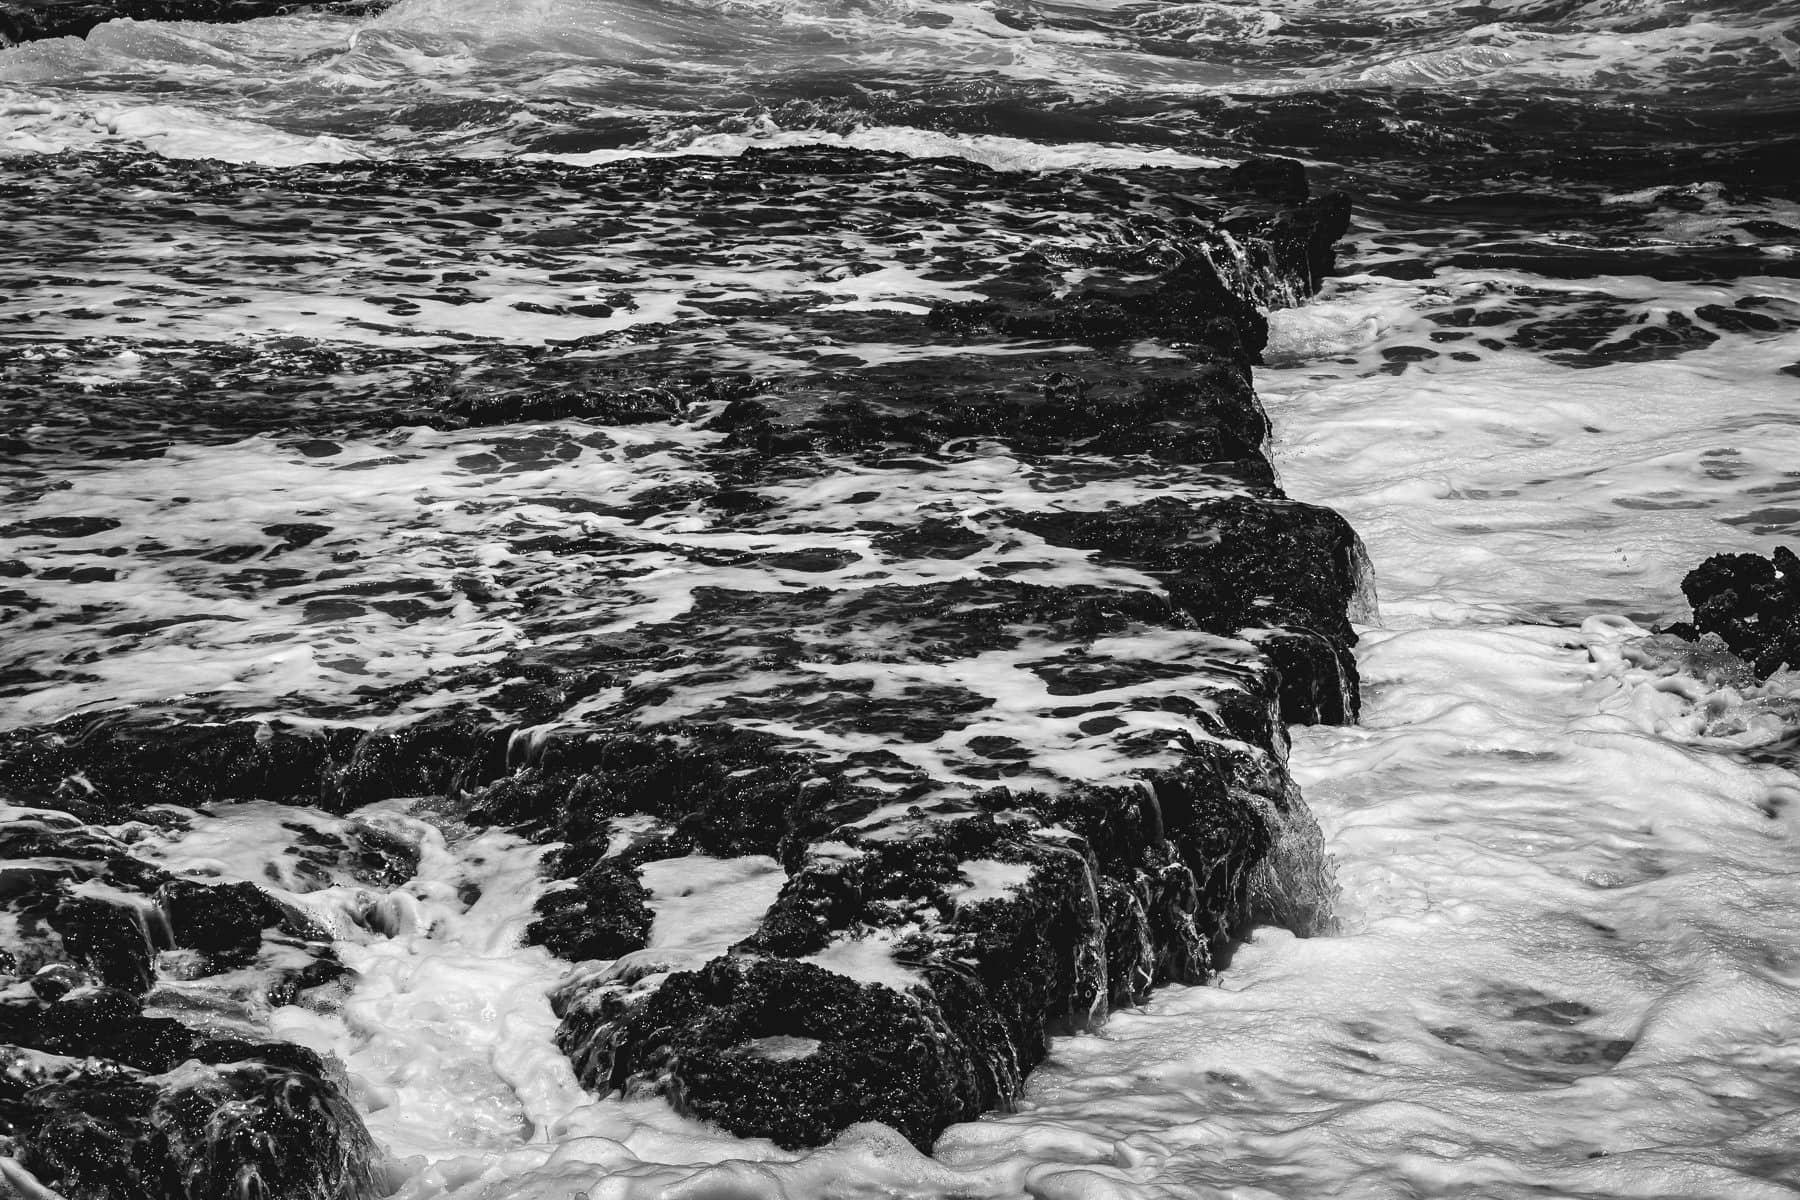 Atlantic Ocean waves drain over the rocky shoreline at El Mirador, Cozumel, Mexico.